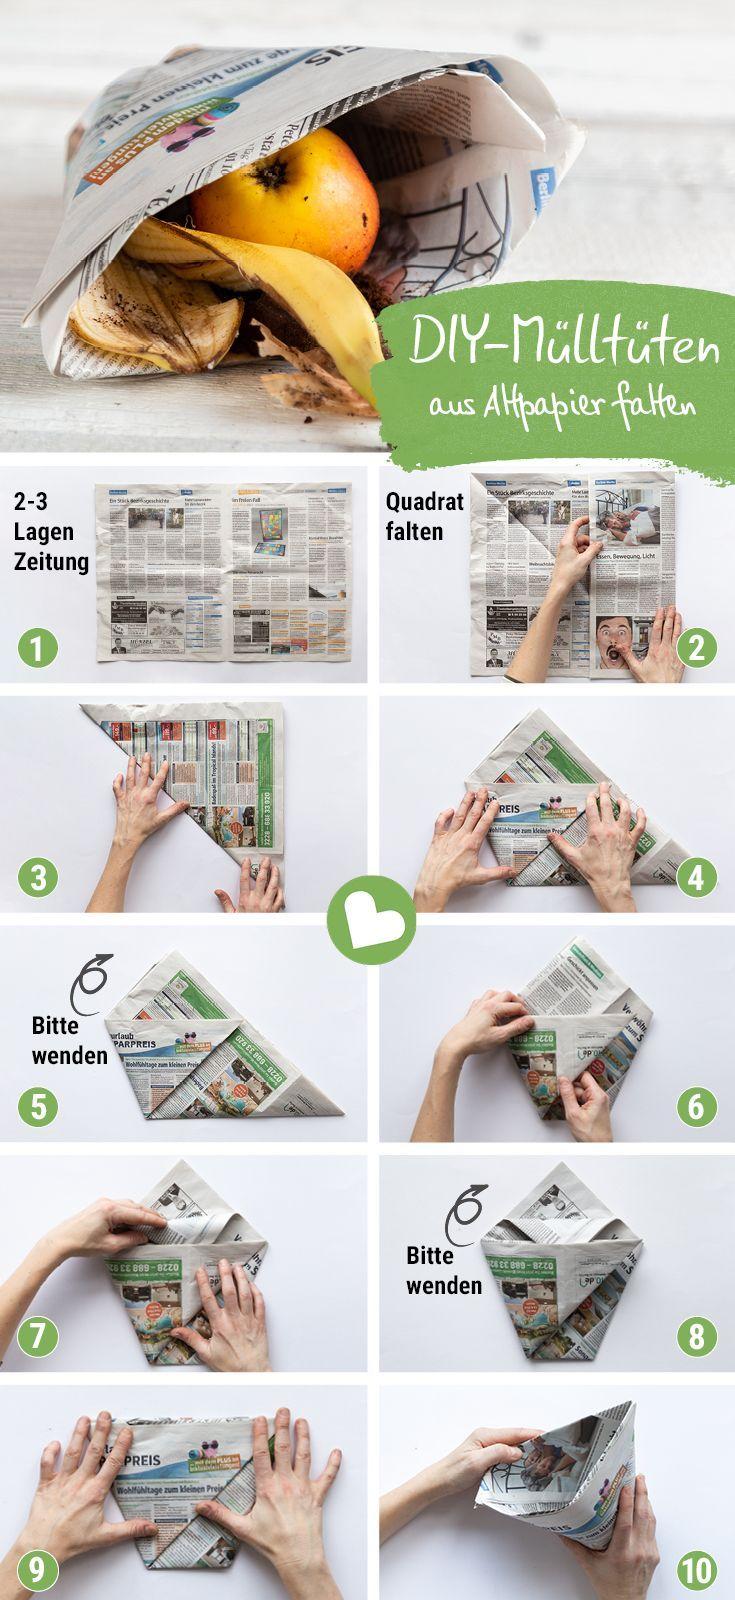 Dobla las bolsas de basura y las bolsas de compras fuera del periódico sin pegarlas – con video